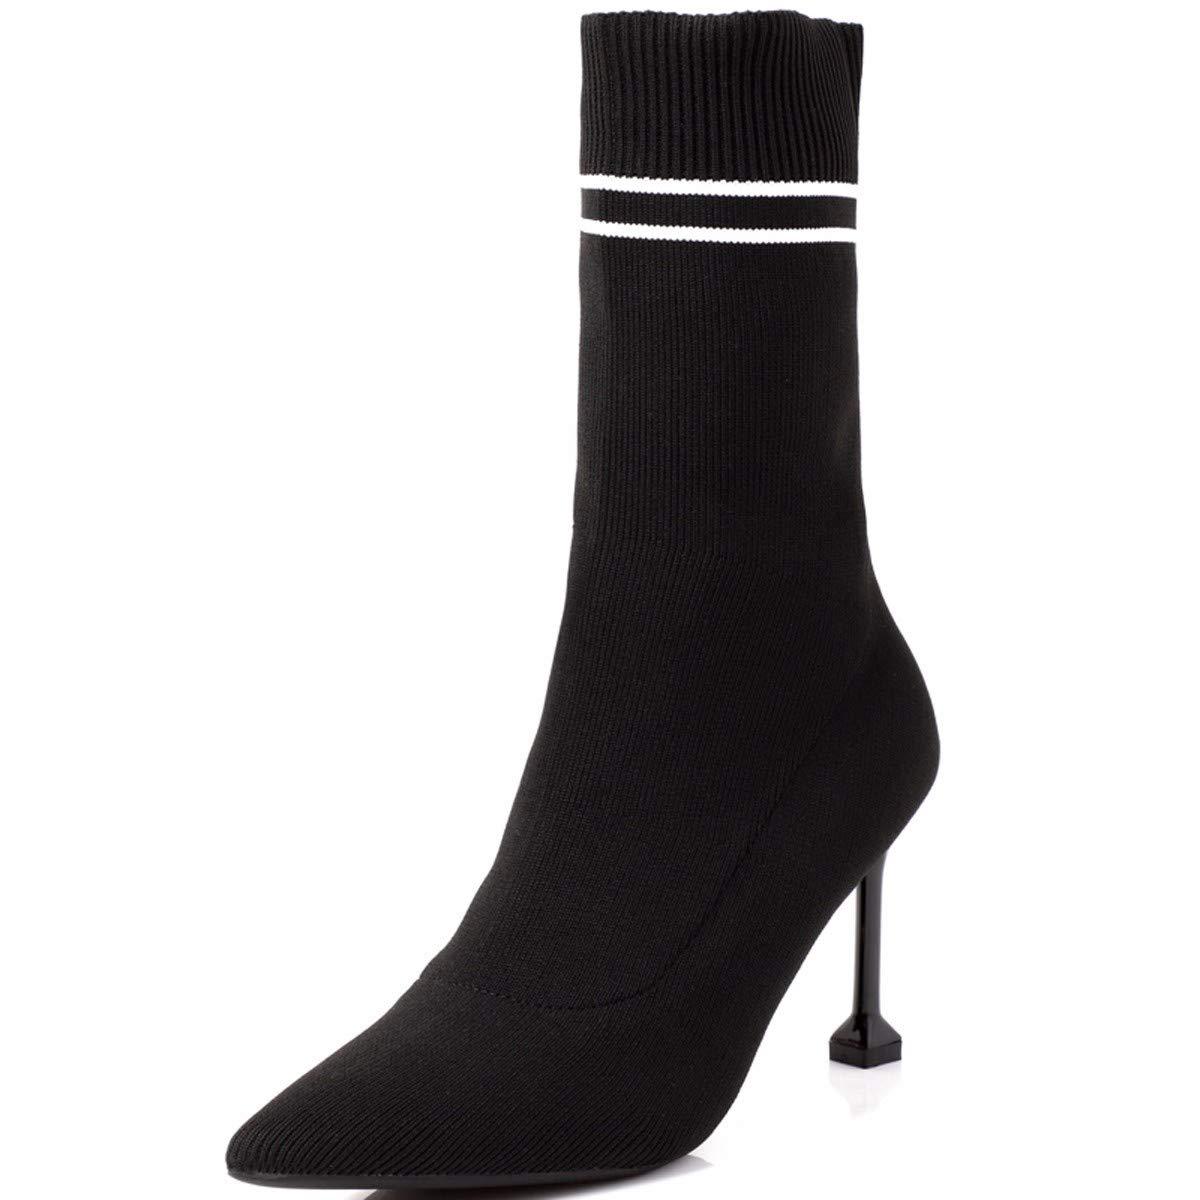 HBDLH Damenschuhe Kurzer Lauf Sock Stiefel Absatz 8 cm cm cm Hohe Spitze Dünne Sohle Gummi Stiefel Nahen Barrel 100 Setzt Dünnen Stiefel c016f7